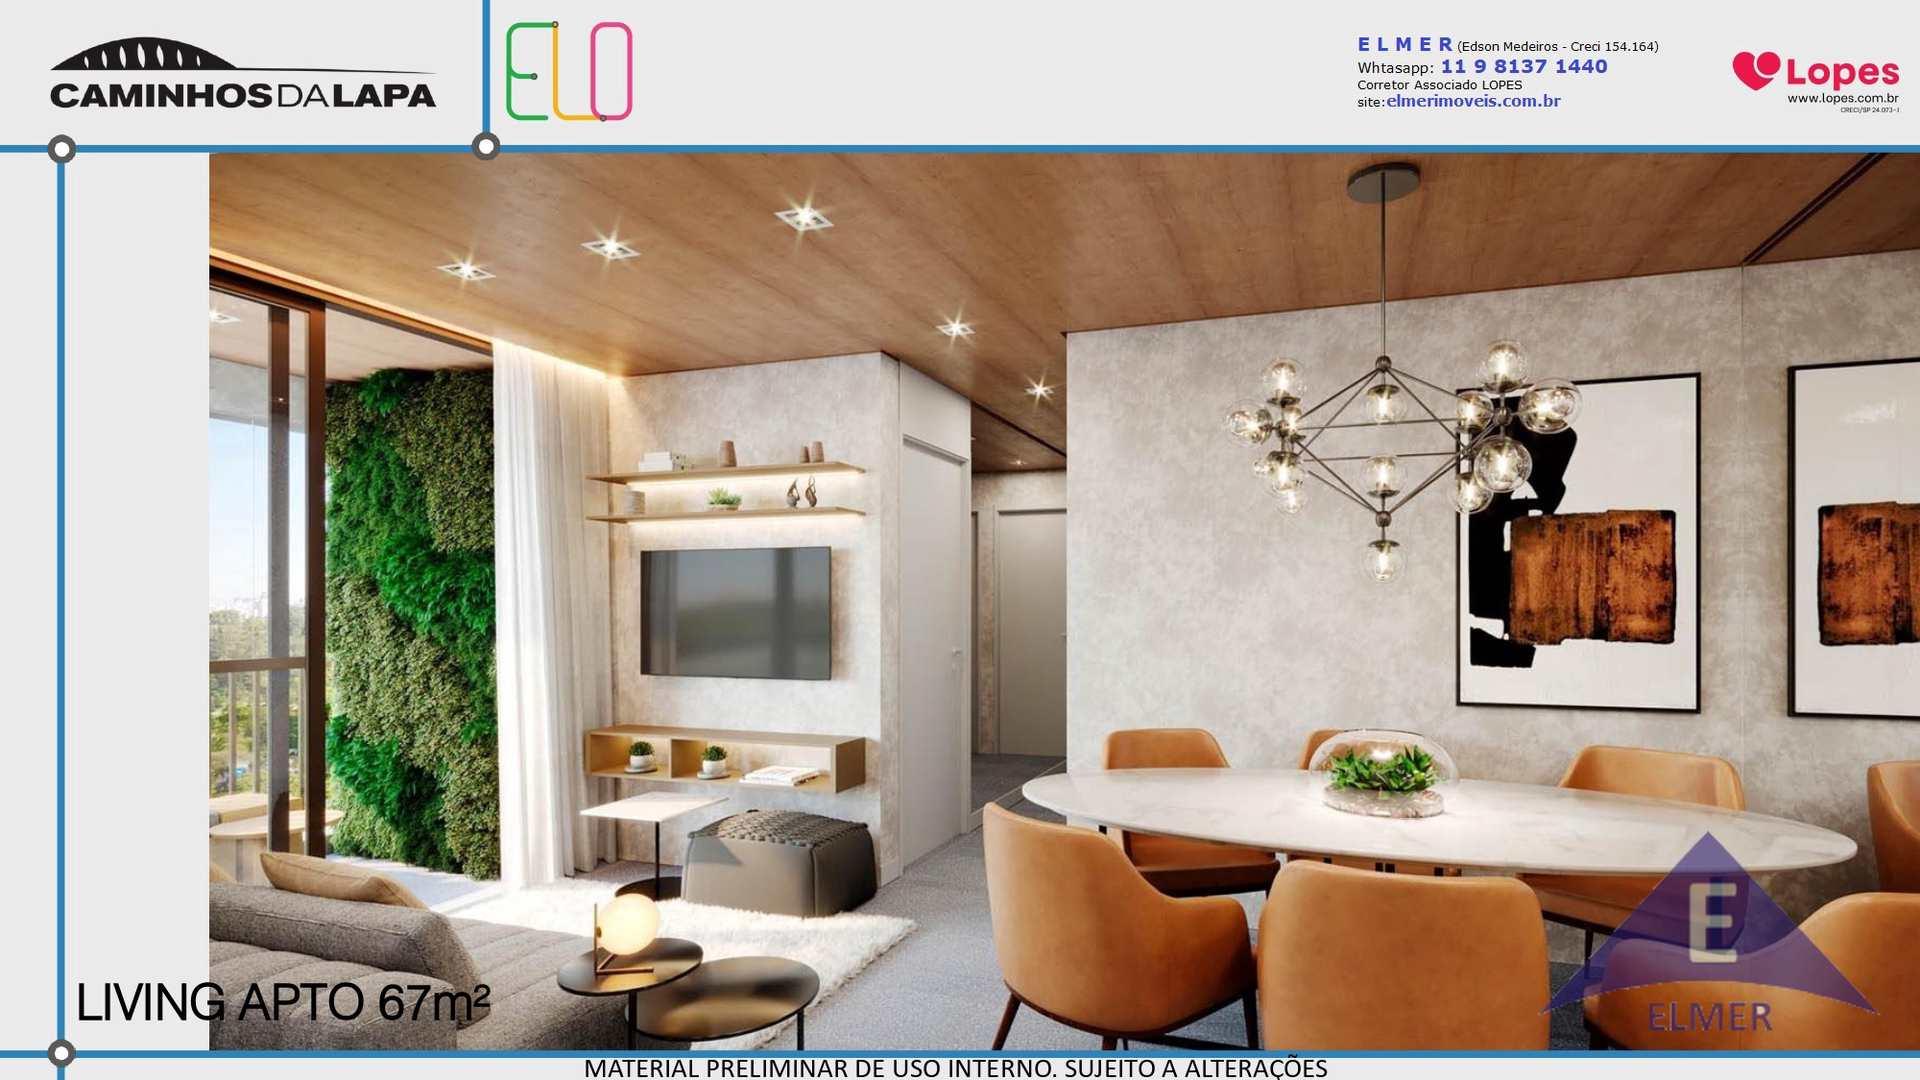 ELO - Living Apto 67 m² - Elmer